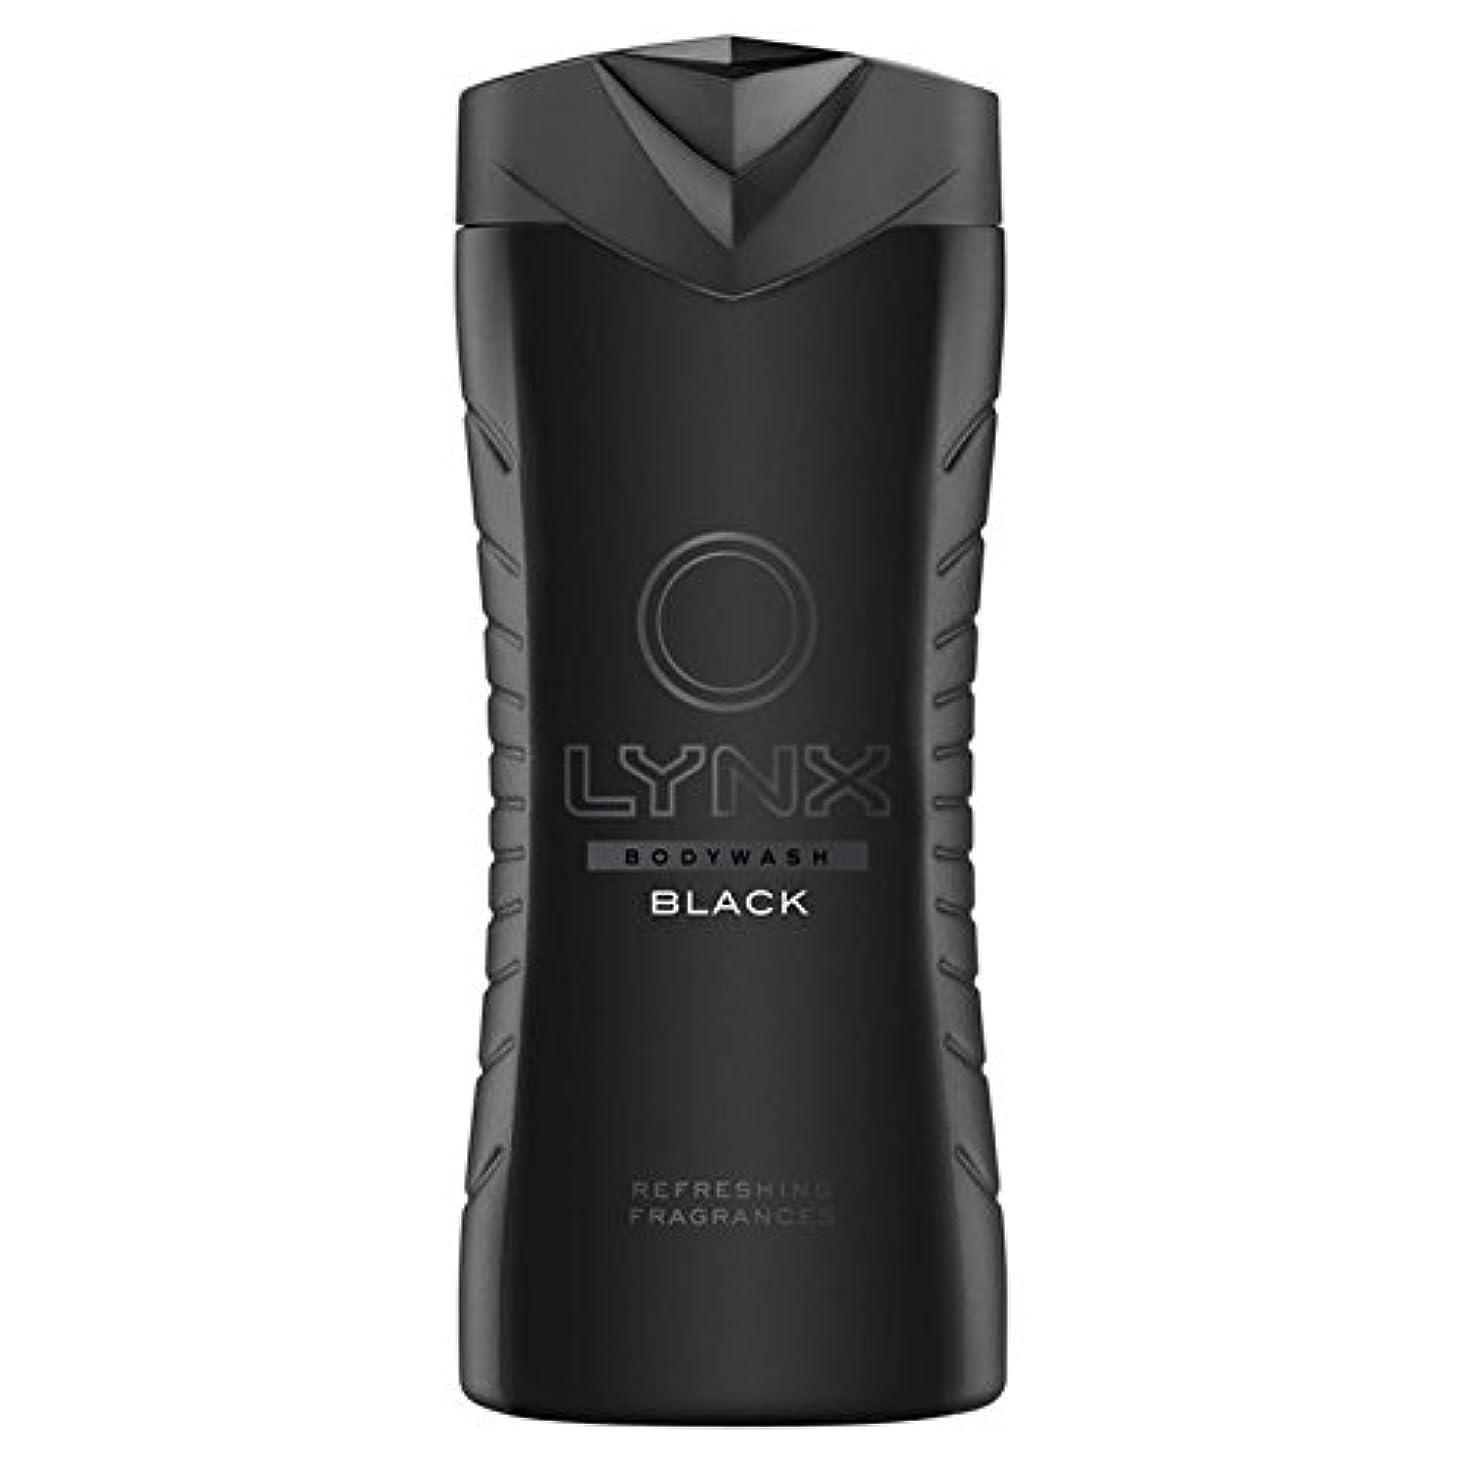 のぞき見塩成功したオオヤマネコブラックシャワージェル400ミリリットル x2 - Lynx Black Shower Gel 400ml (Pack of 2) [並行輸入品]